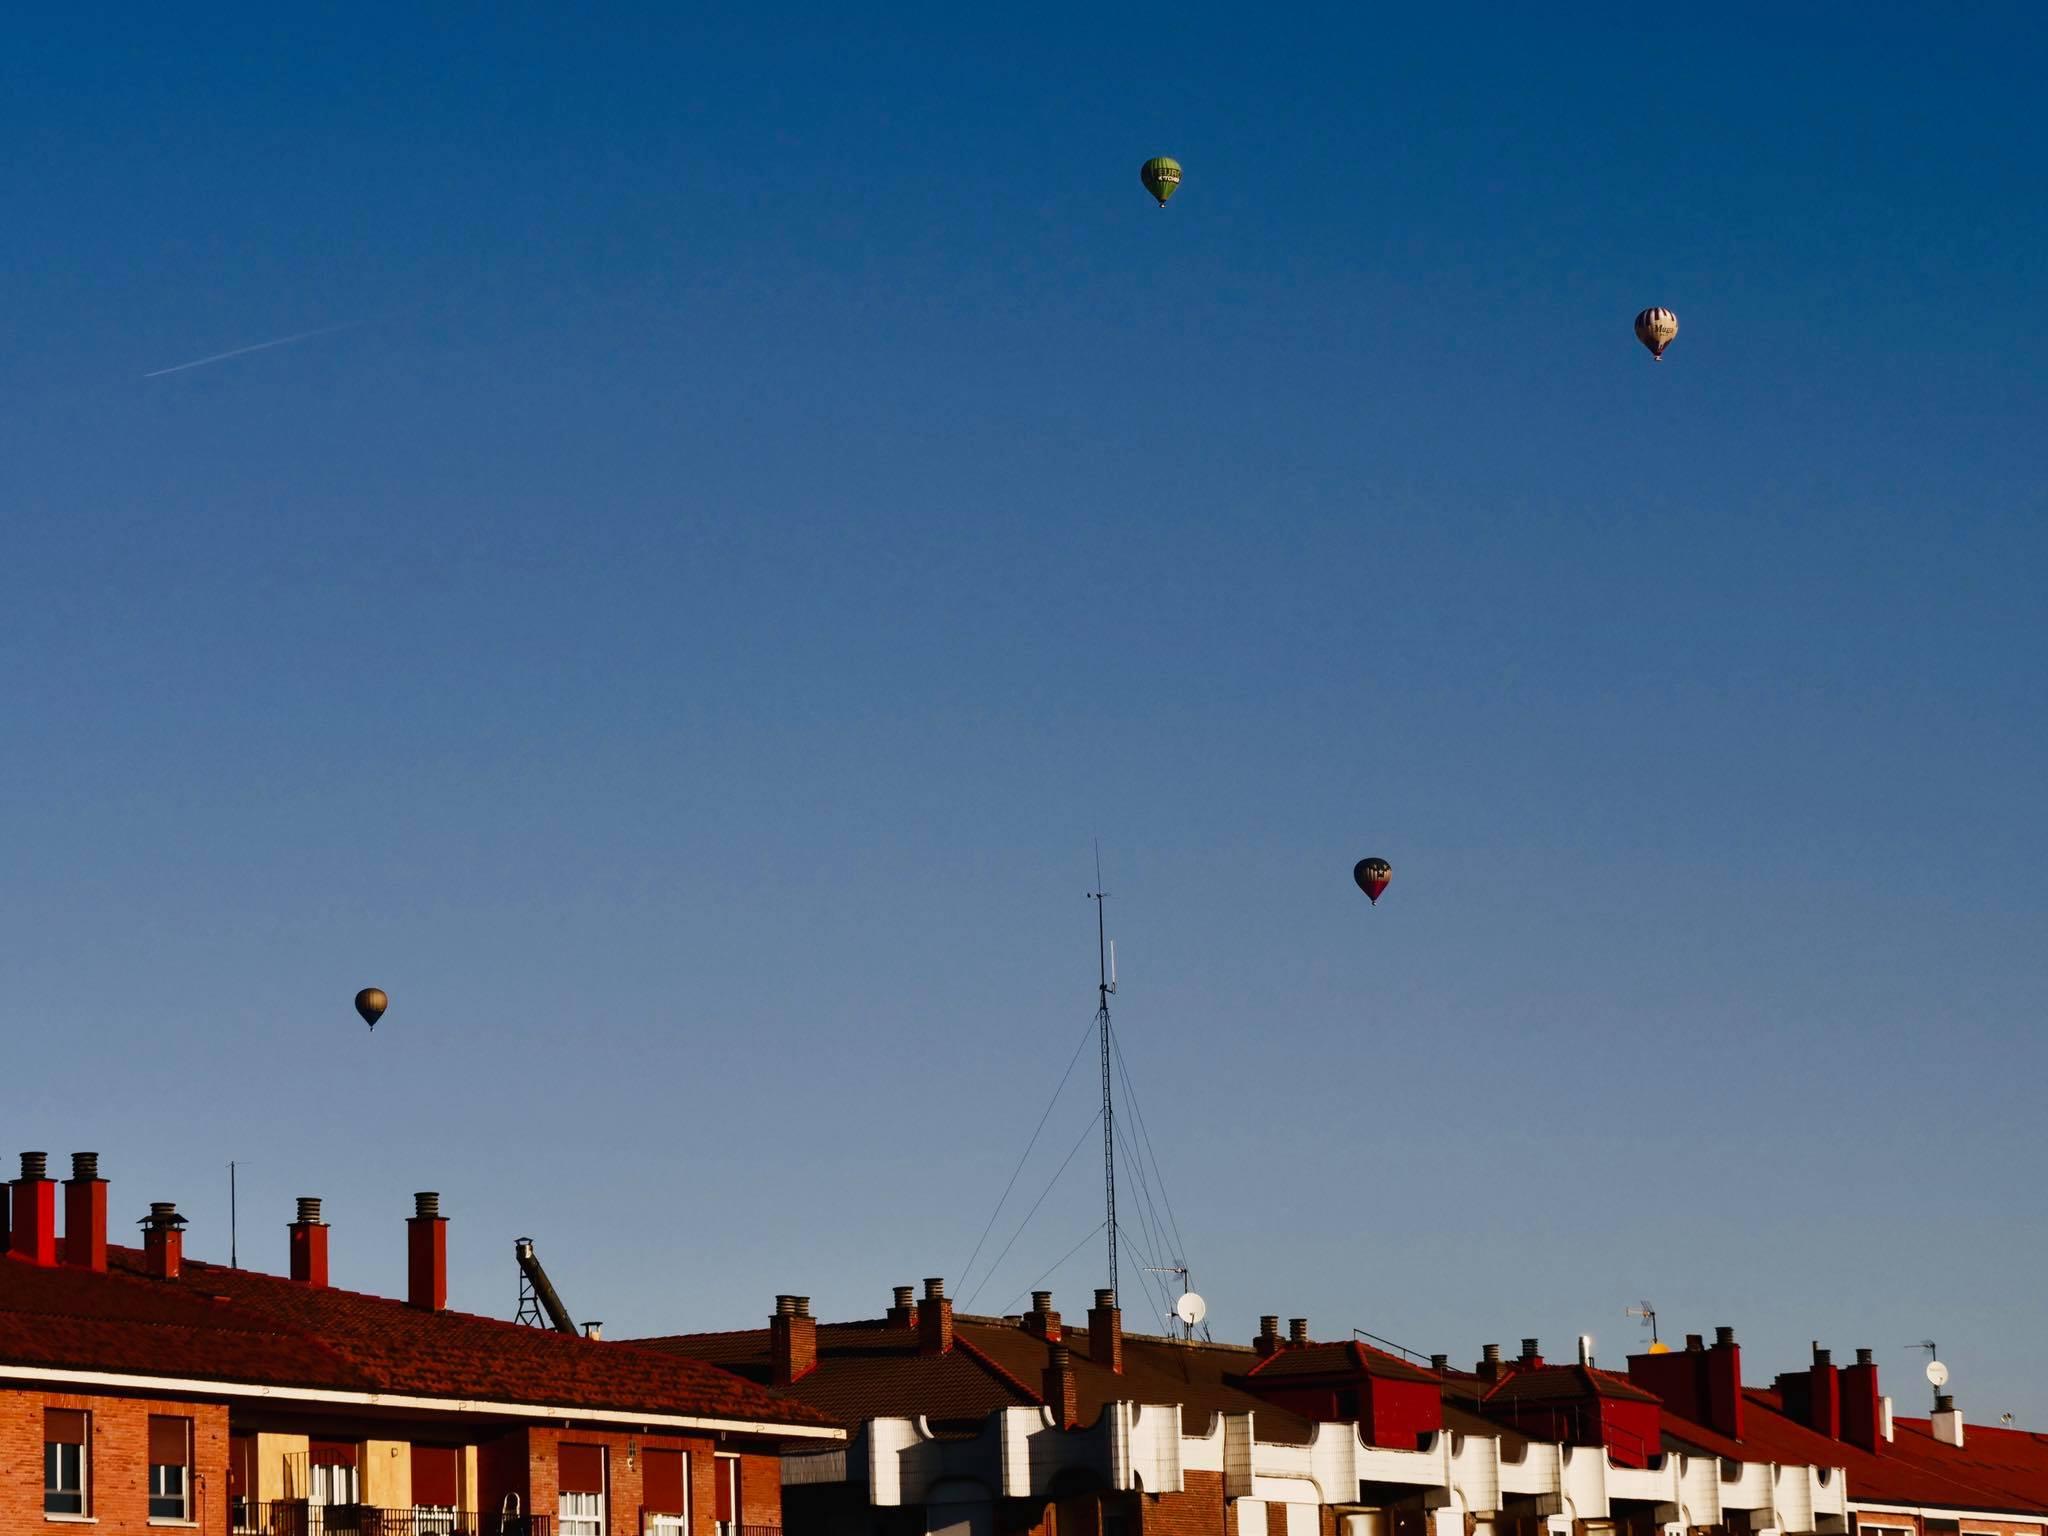 Concurso de fotos de globos aerostáticos este fin de semana en Vitoria